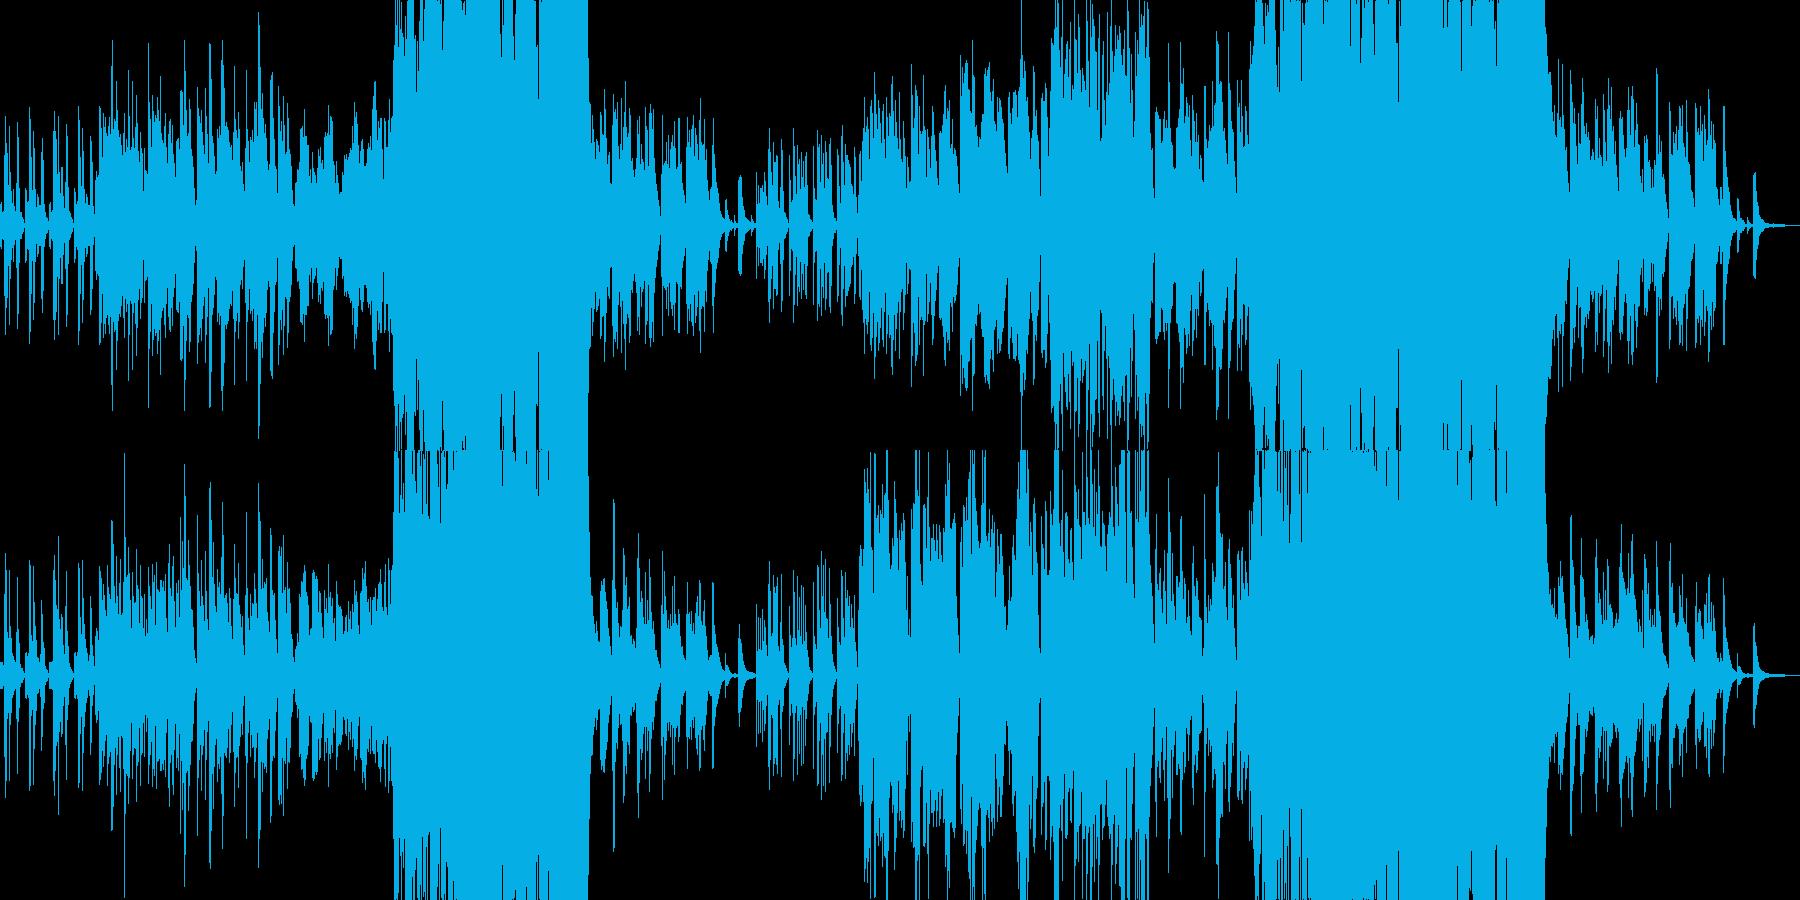 のどかで牧歌的ほのぼのオーケストラワルツの再生済みの波形